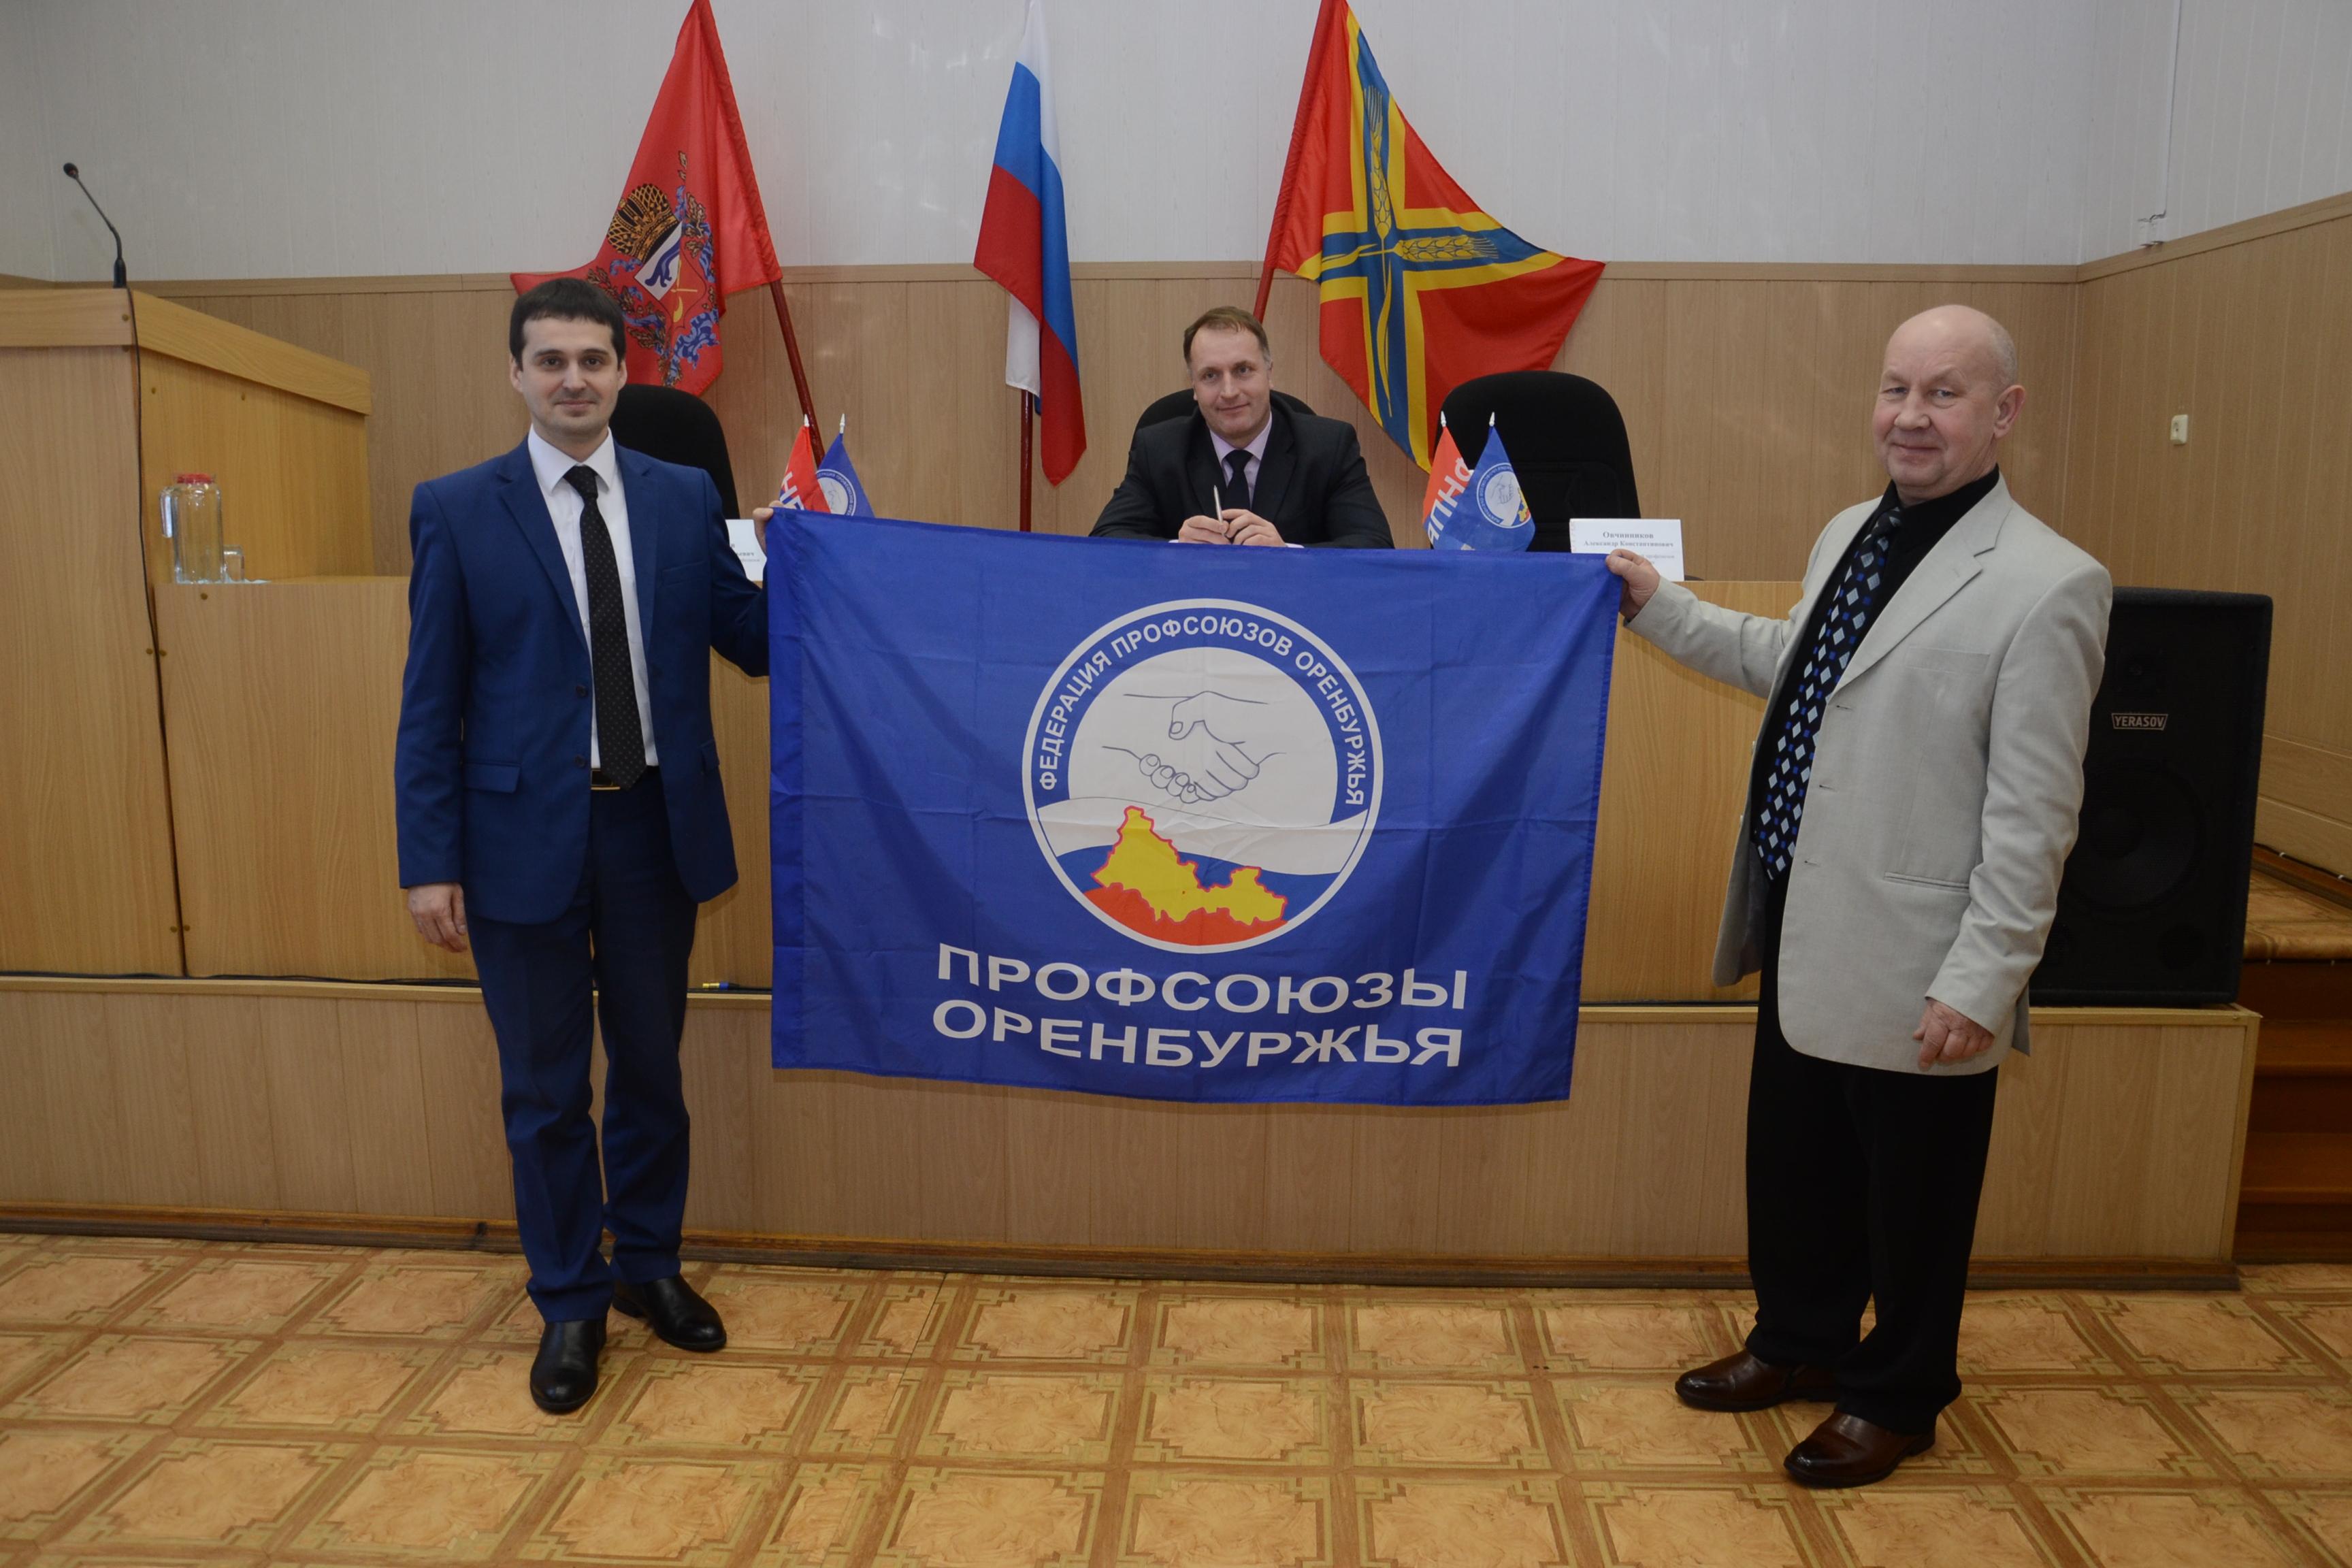 знакомства в оренбургской области октябрьском районе